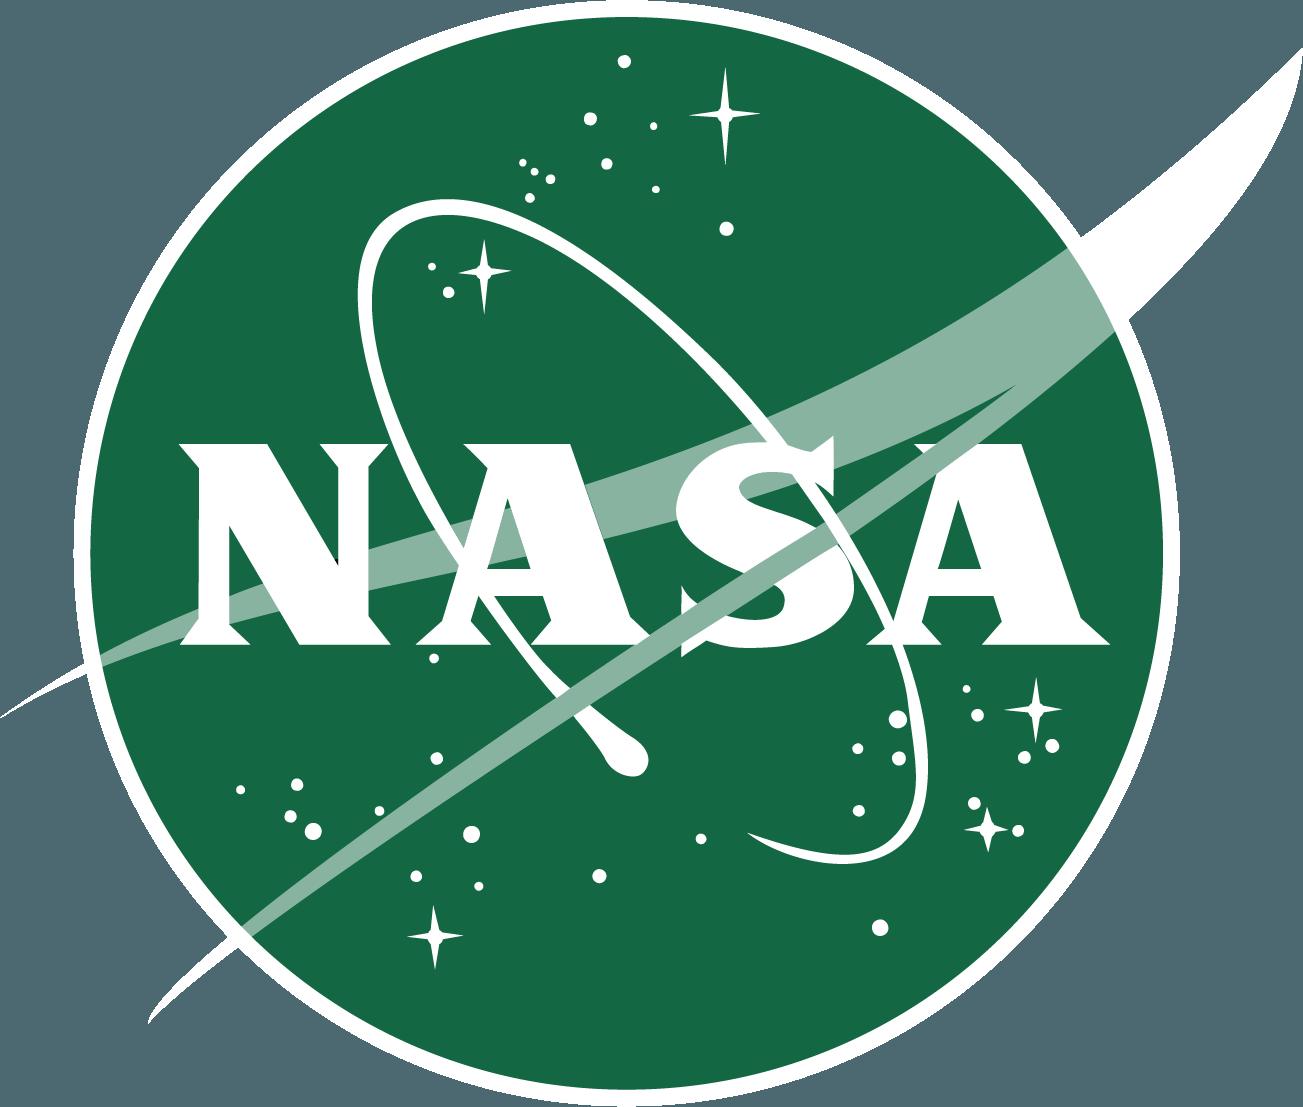 logo nasa 2